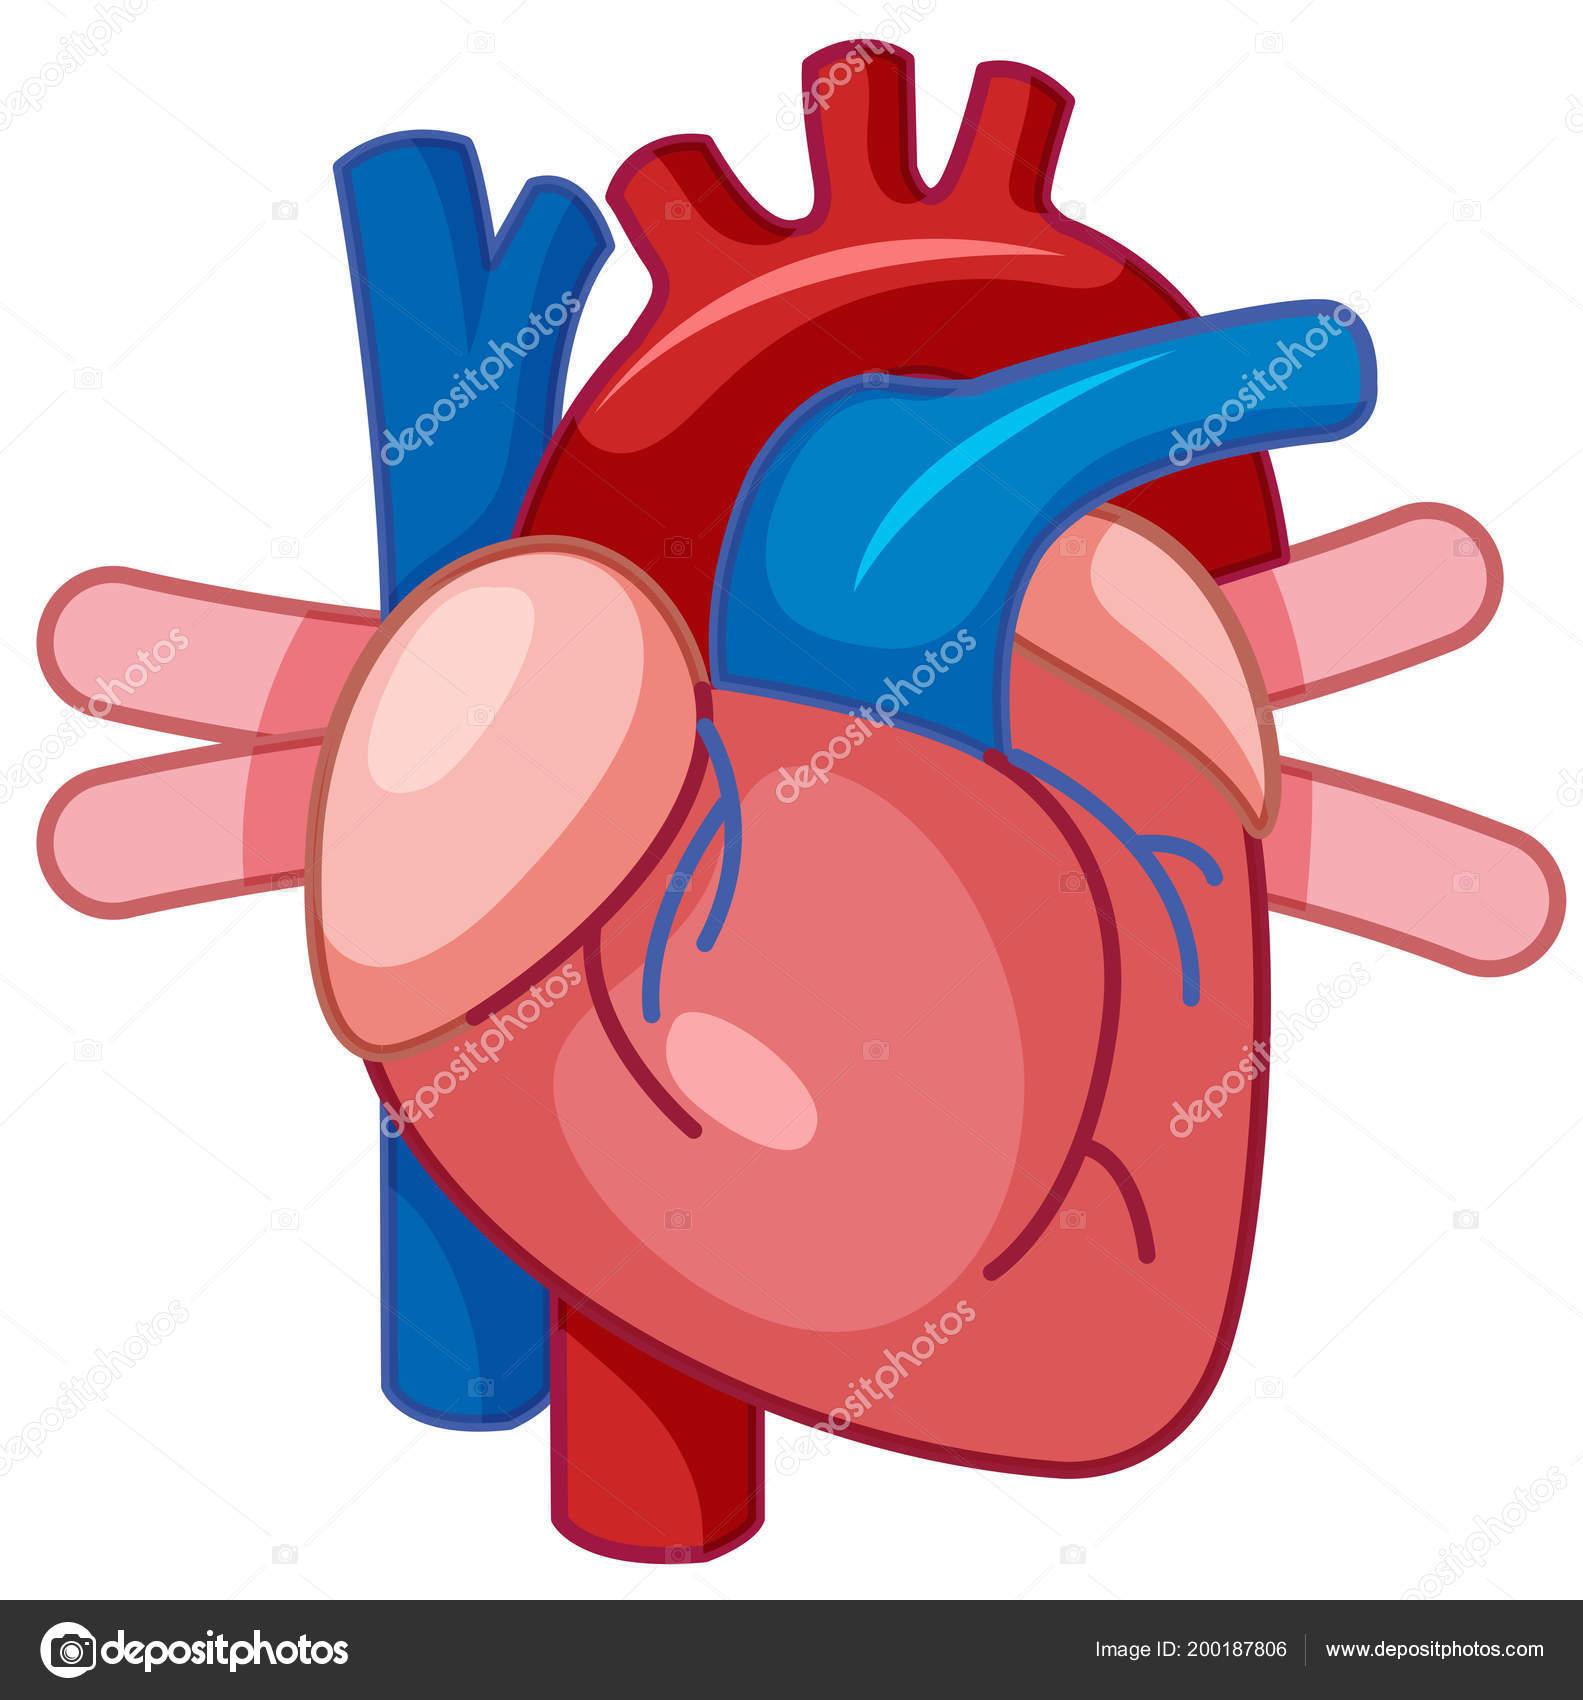 Una Ilustración Dibujos Animados Corazón Humano Vector De Stock